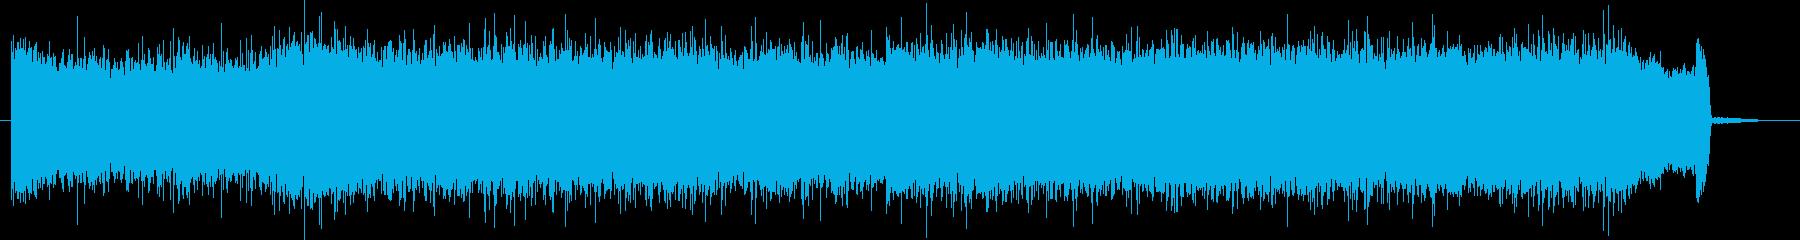 短いCMに使えるかっこいいギターサウンドの再生済みの波形